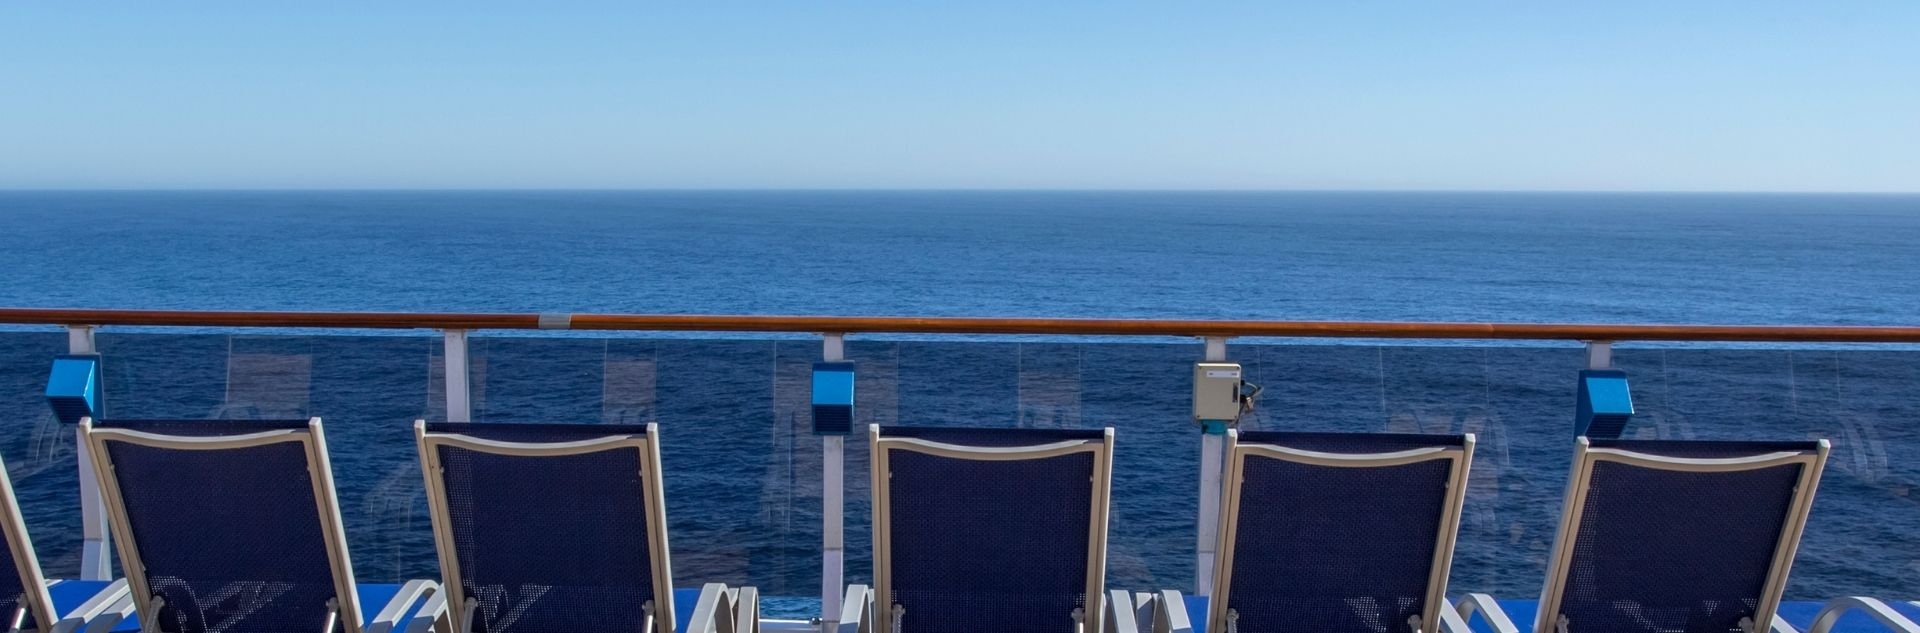 Liegestühle auf dem Kreuzfahrtdeck mit Ausblick auf das Meer